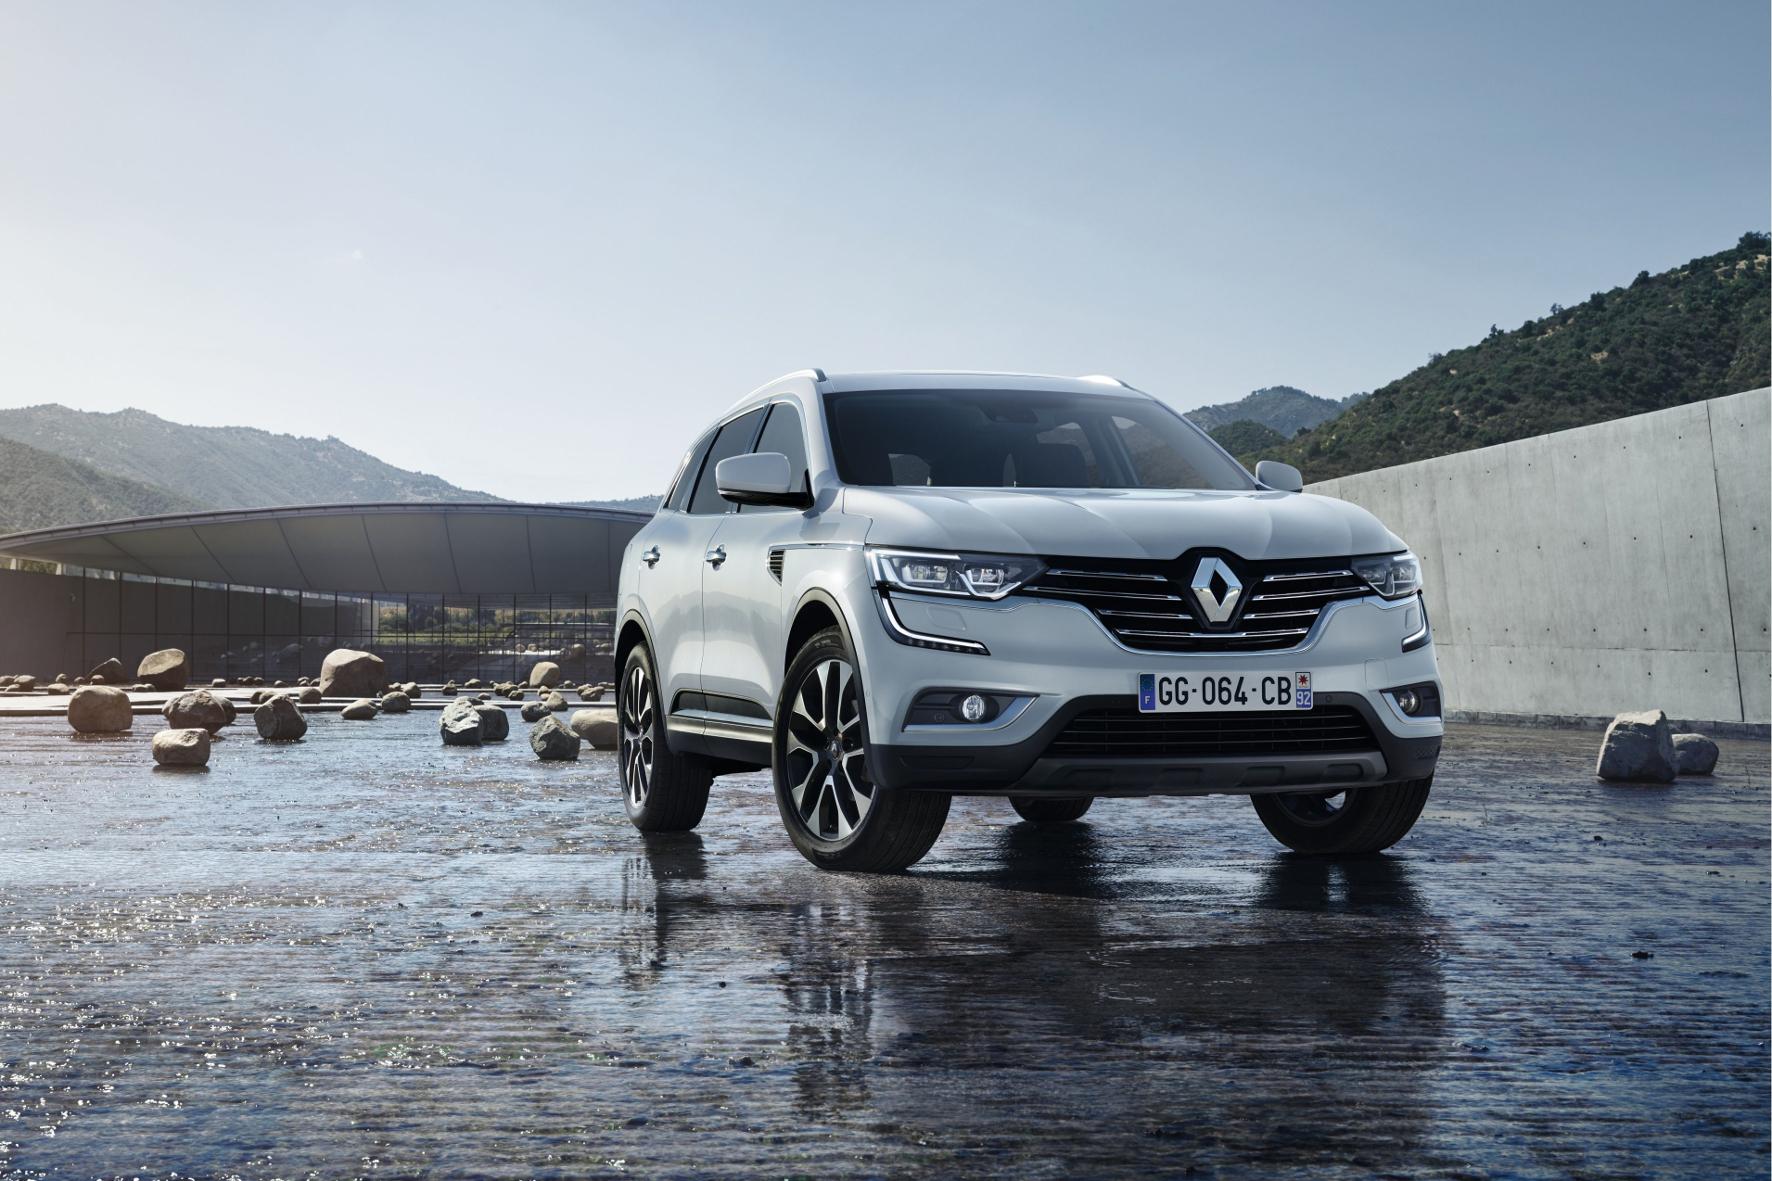 mid Groß-Gerau - Comeback für den Koleos: Die Frontpartie der Neuauflage des großen SUV von Renault ähnelt sehr der Mittelklasse-Limousine Talisman.